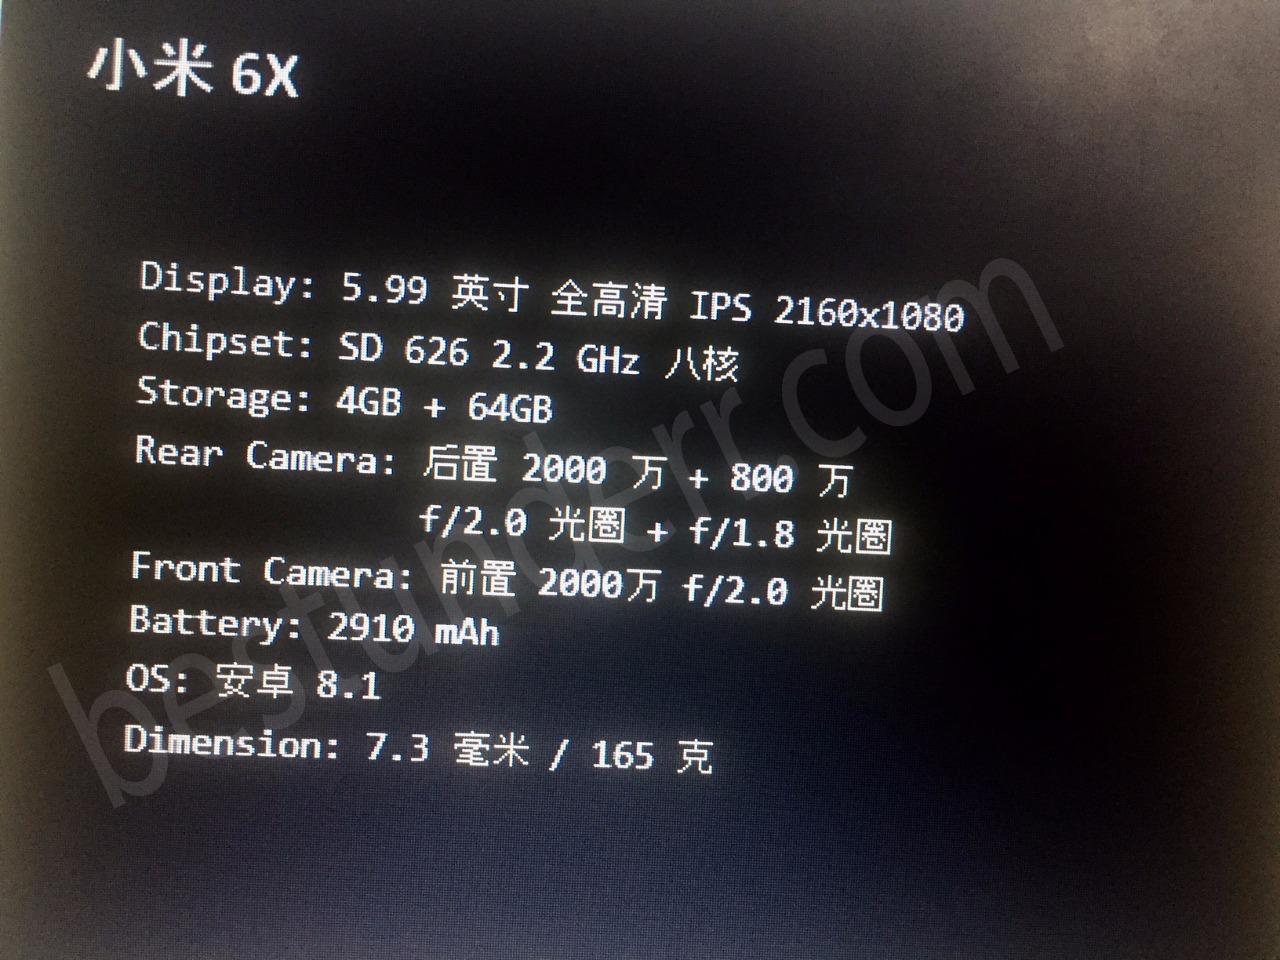 Xiaomi Mi 6x or Mi A2 Specs